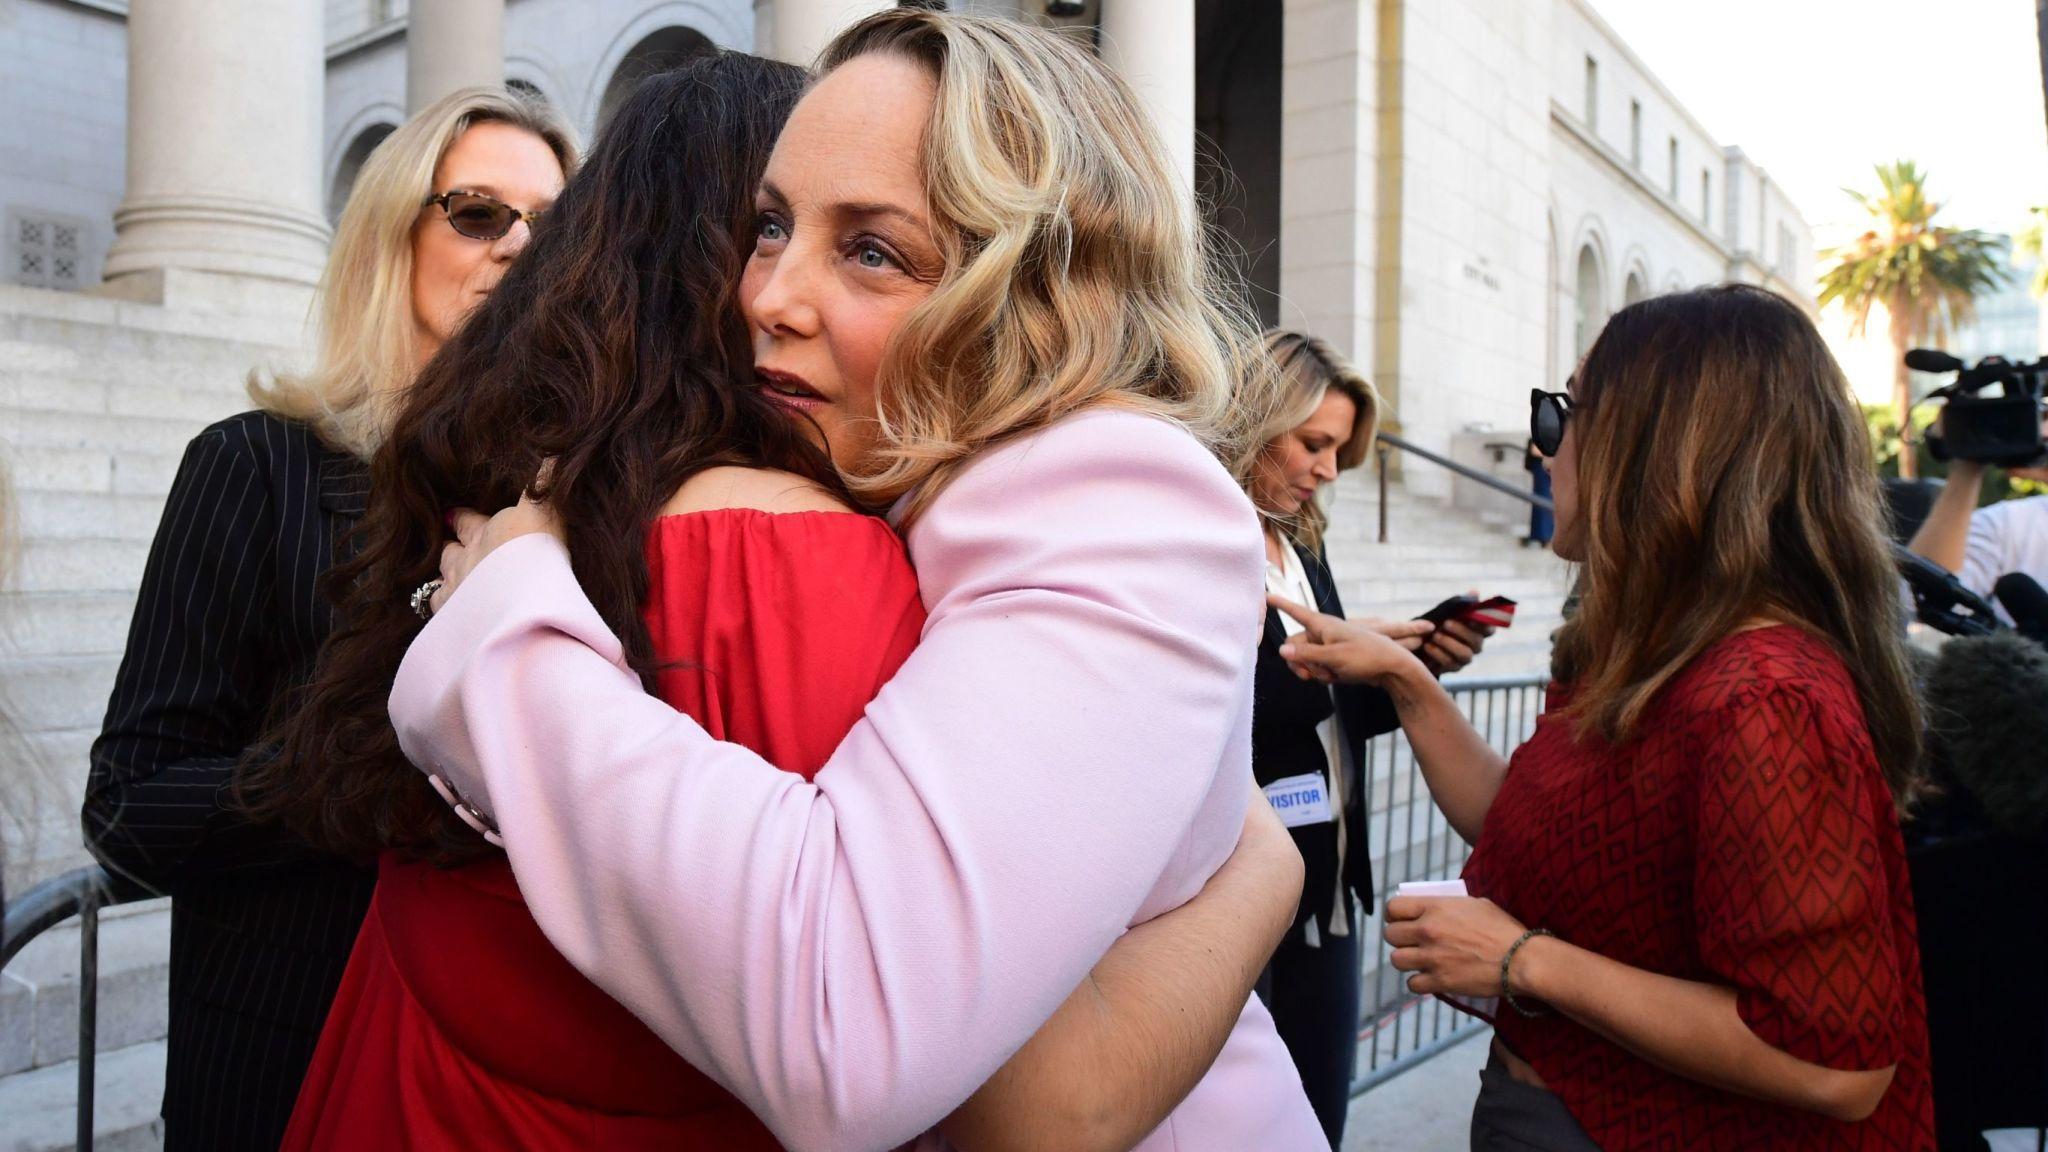 Louisette Geiss (R) embraces Sarah Ann Masse